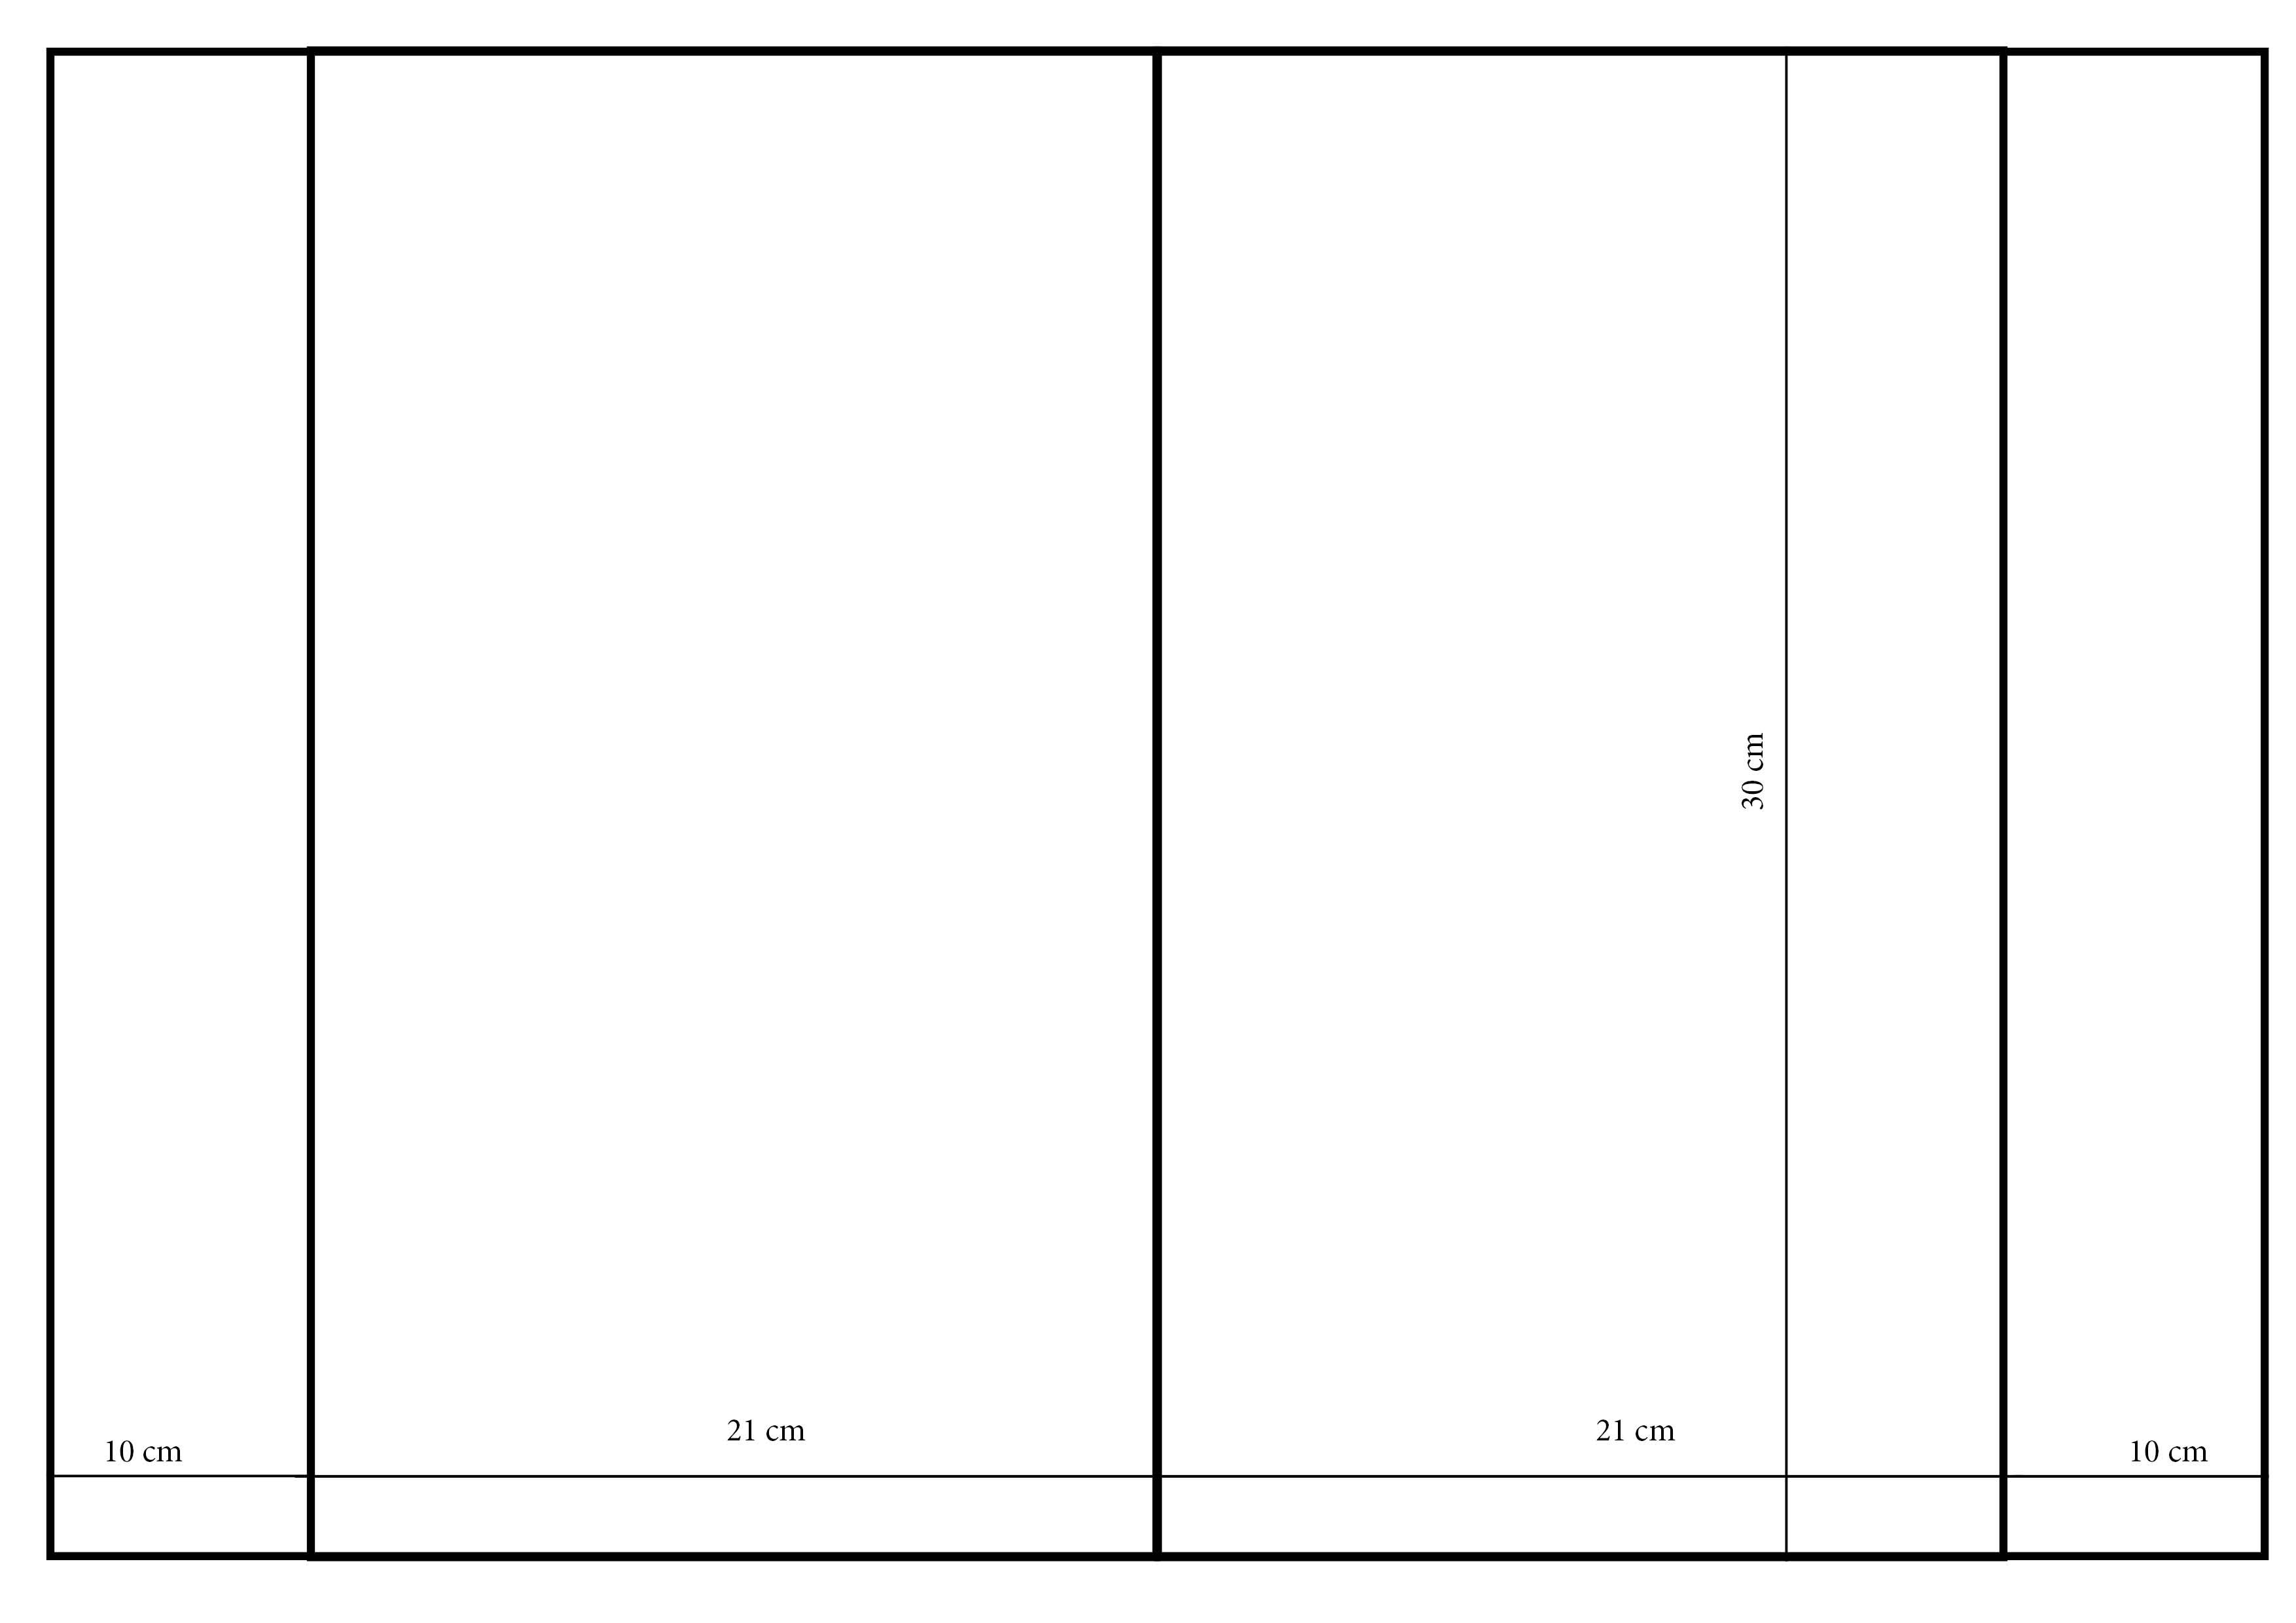 buchumschlag selber machen eine t te gl ck. Black Bedroom Furniture Sets. Home Design Ideas